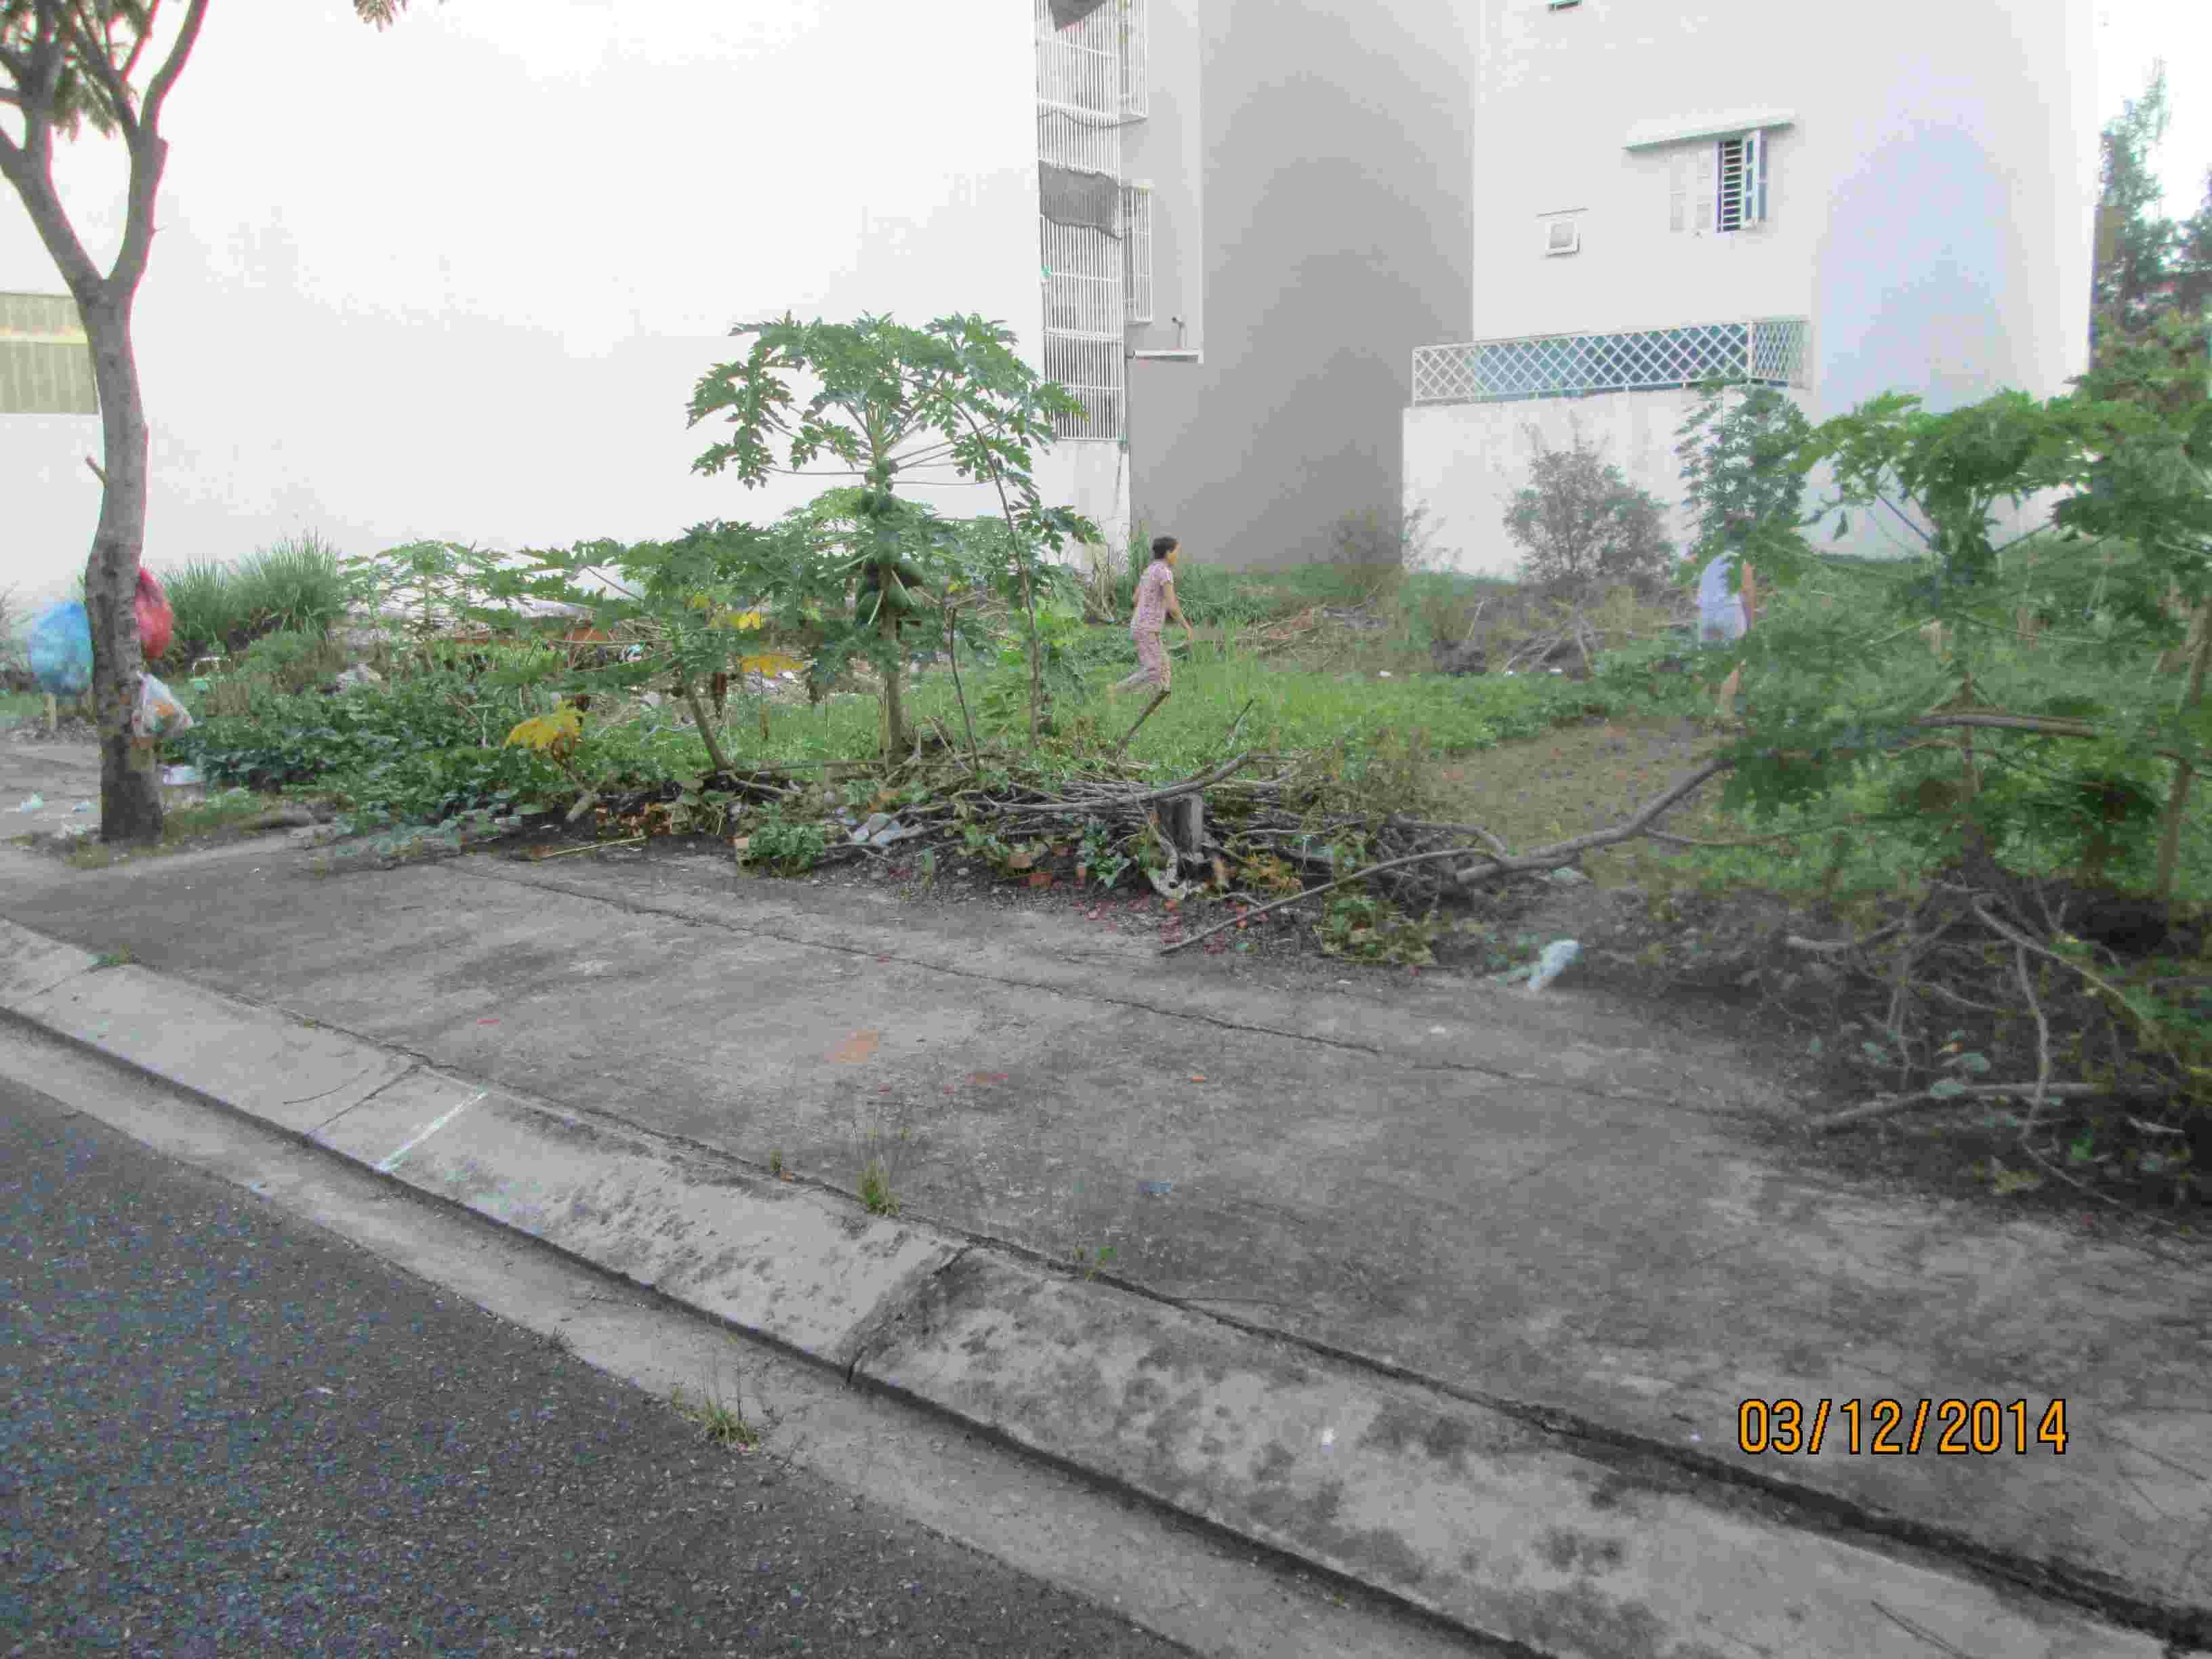 Bán đất nhà phố Sadeco Phước Kiển A, 100m2, lô S, View Công Viên Sông, giá 6.3 tỷ. LH: 0913.050.053